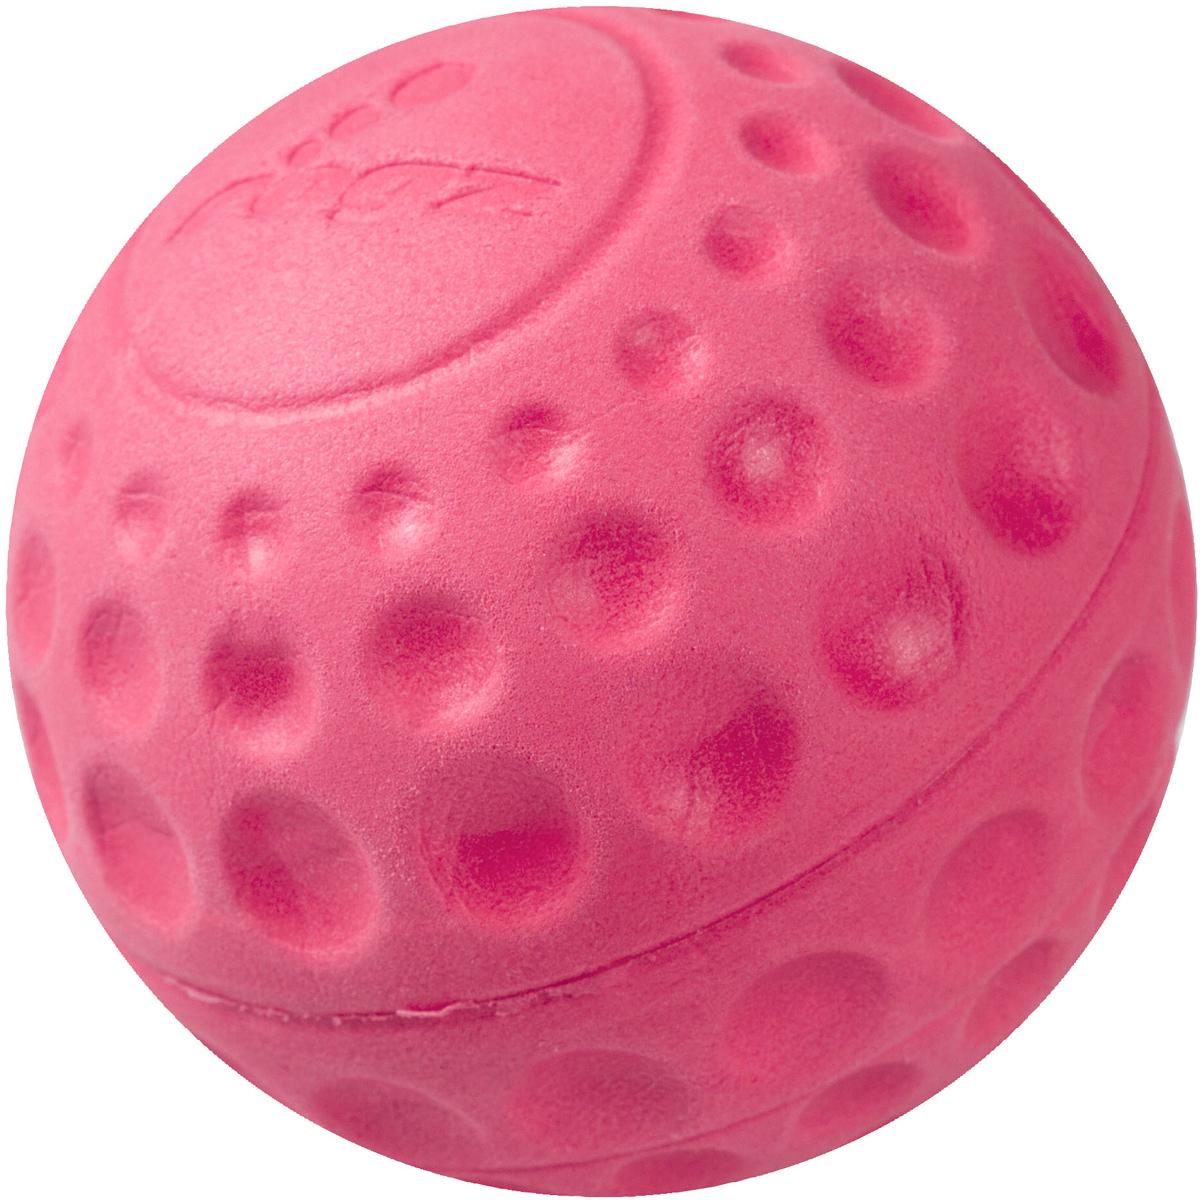 Игрушка для собак Rogz Asteroidz, цвет: розовый, диаметр 6,4 см0120710Мяч предназначен для игры с хозяином Принеси.Небольшой вес, не травмирует десна, не повреждает зубы, удобно носить в пасти.Отличная упругость для подпрыгивания.Изготовлено из особого термоэла-стопласта SEBS, обеспечивающего великолепную плавучесть в воде, поэтому игрушка отлично подходит для игры в водоеме.Материал изделия: EVA (этиленвинилацетат) - легкий мелкопористый материал, похожий на застывшую пену.Не токсичен. 100% EVA (Этиленвинилацетат)